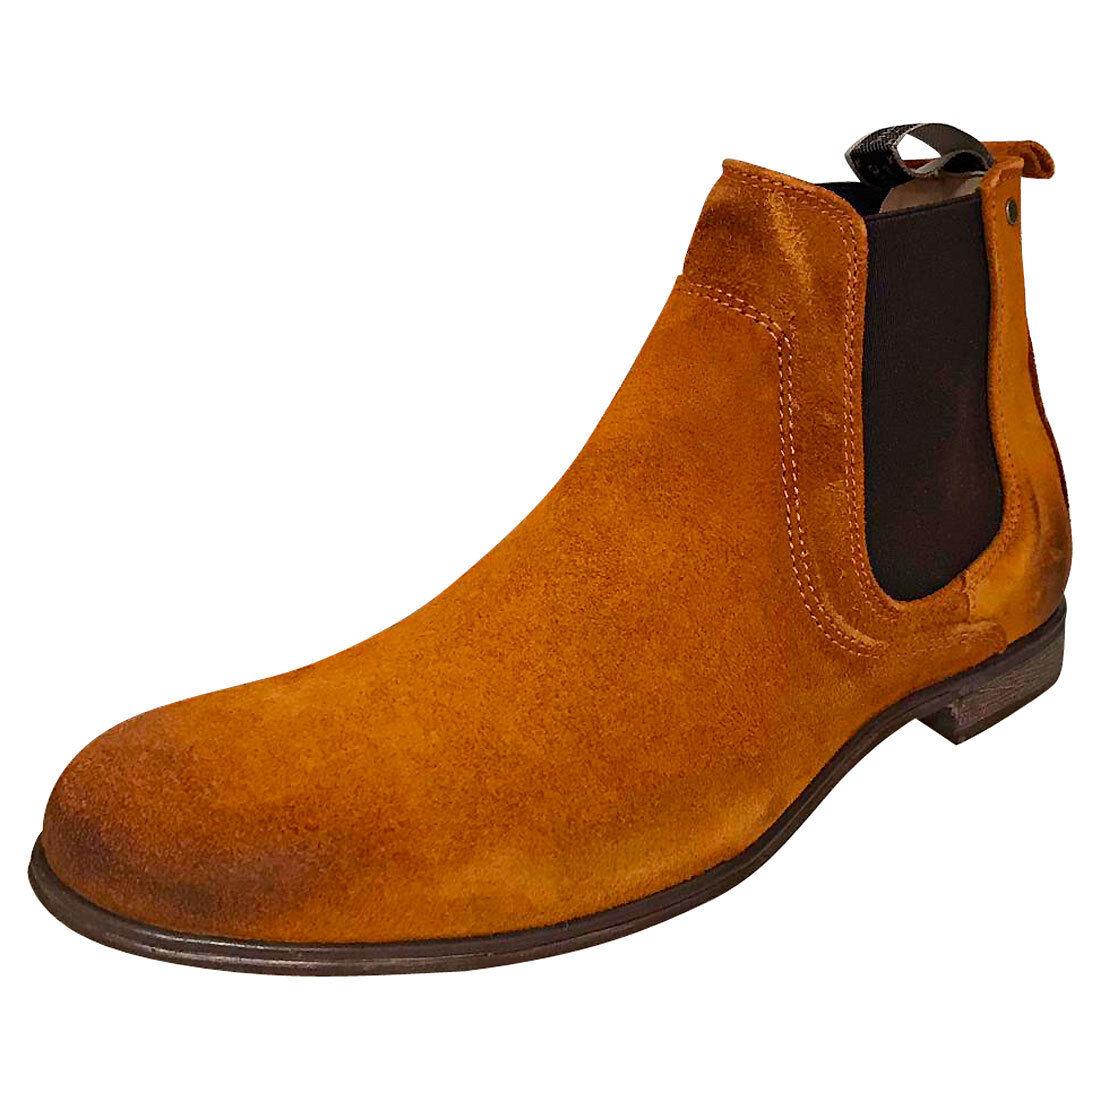 Sneaky Steve Cumberland Cognac  Herren Cognac Cumberland Suede Chelsea Stiefel - 45 EU b37765